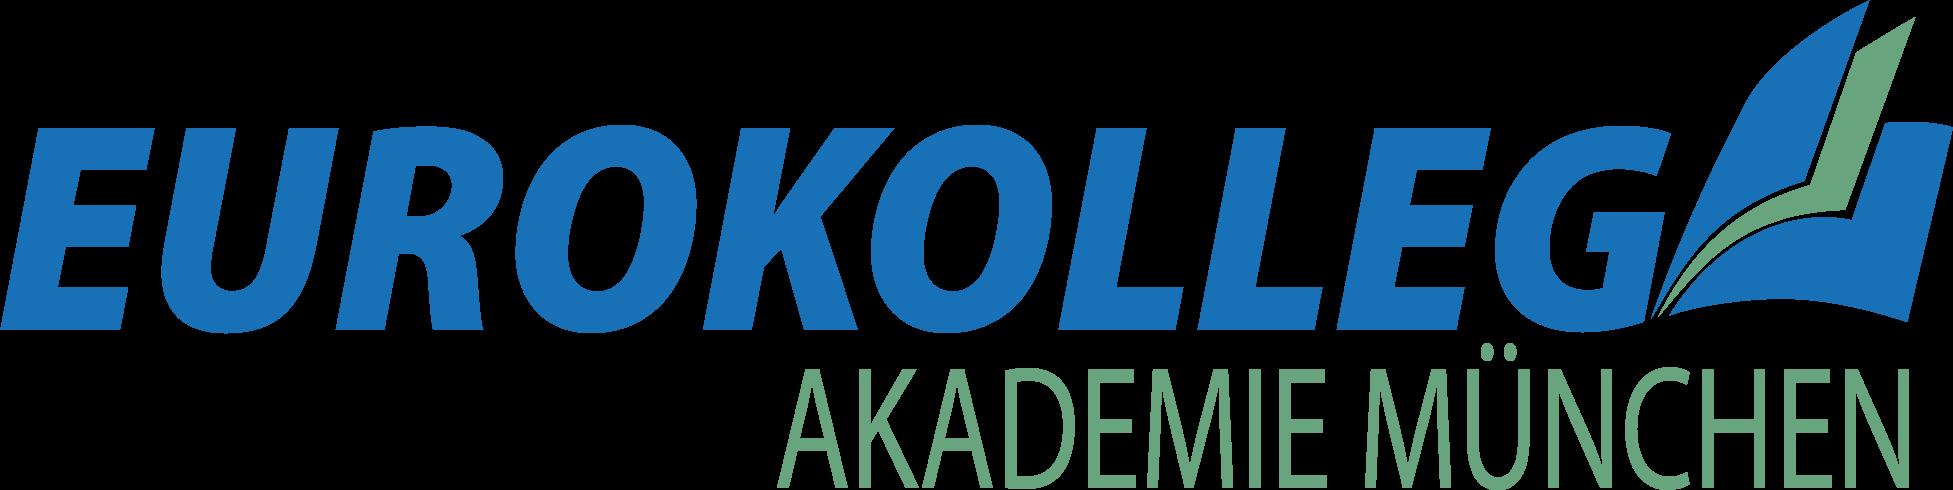 Eurokolleg Akademie